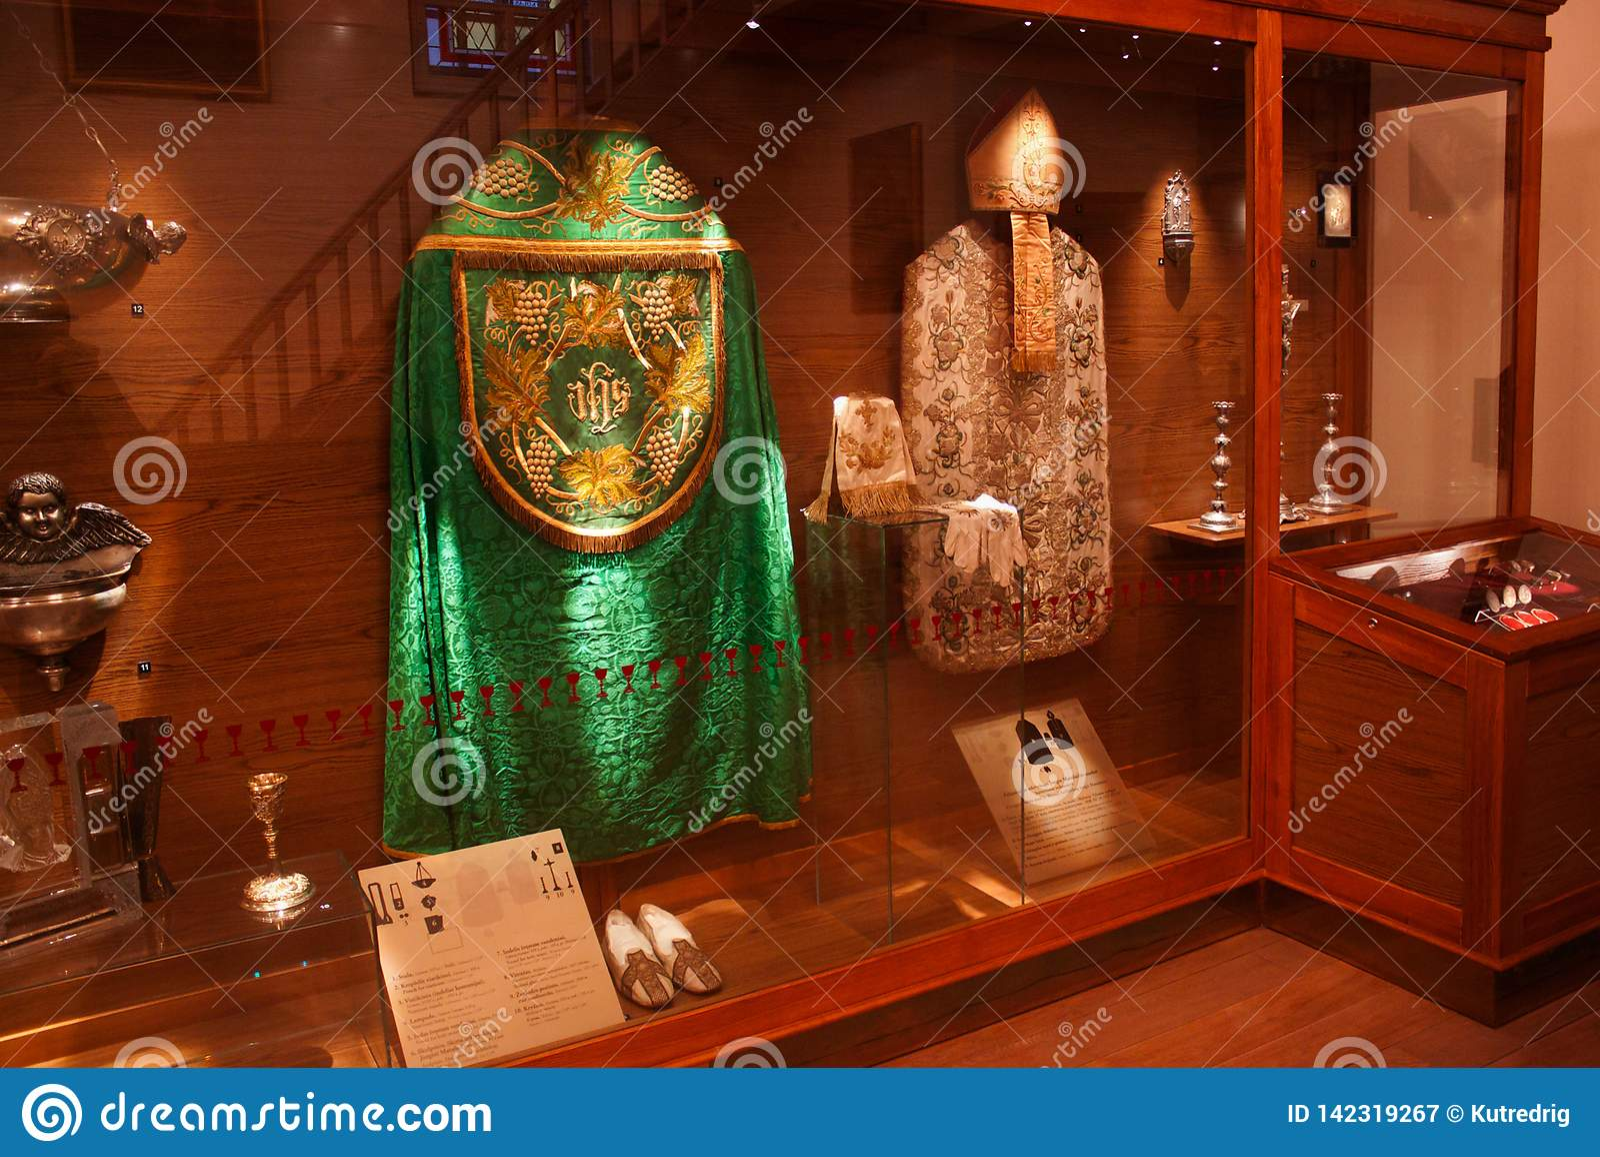 TRAKAI, LITUANIA - 2 GENNAIO 2013: Abiti da cerimonia storici dei preti cattolici in museo di arte sacra